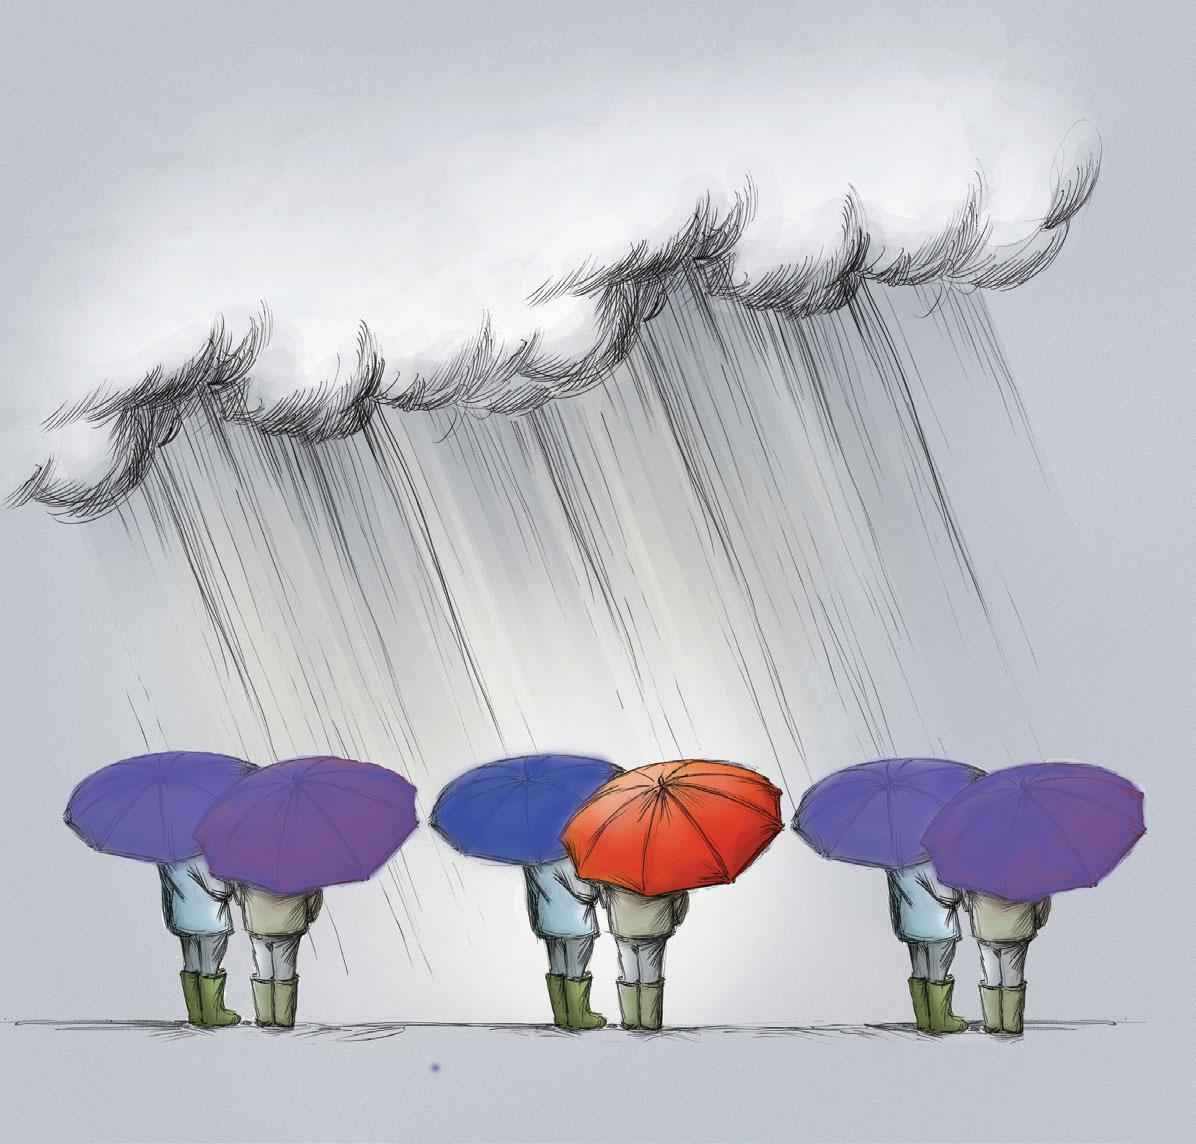 four people under umbrellas in the rain